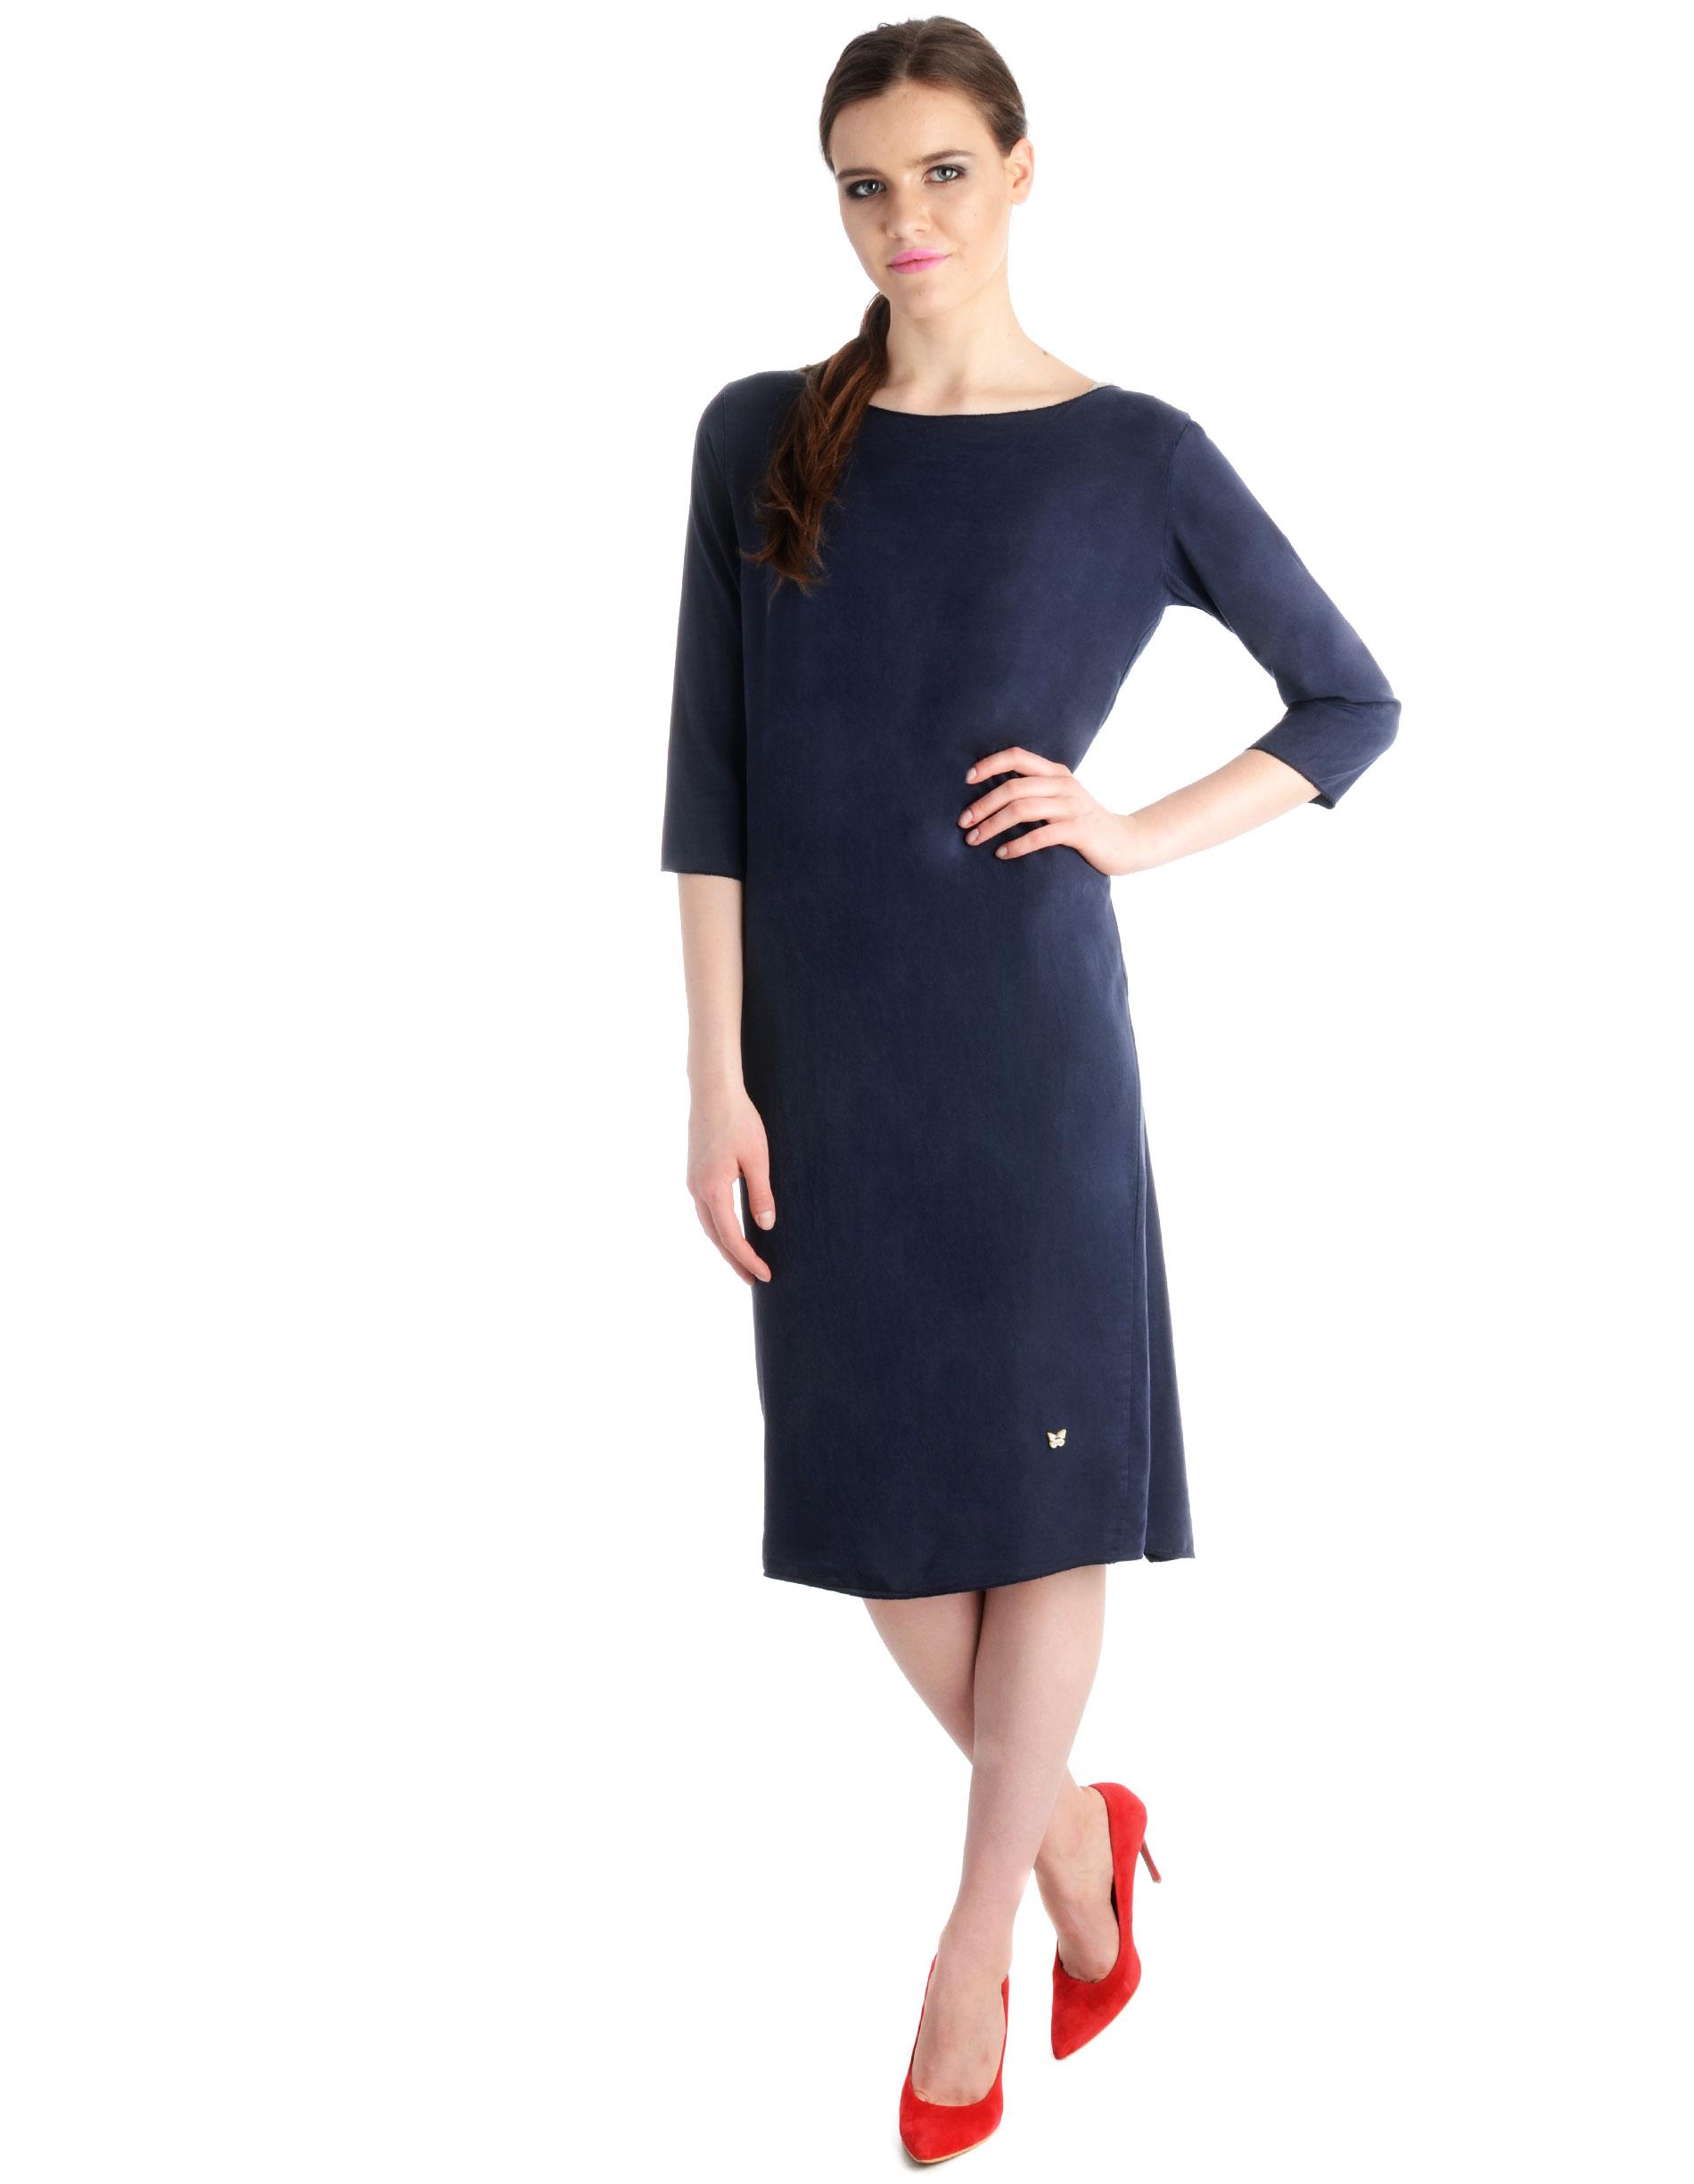 Sukienka - 16-3963 BLU - Unisono